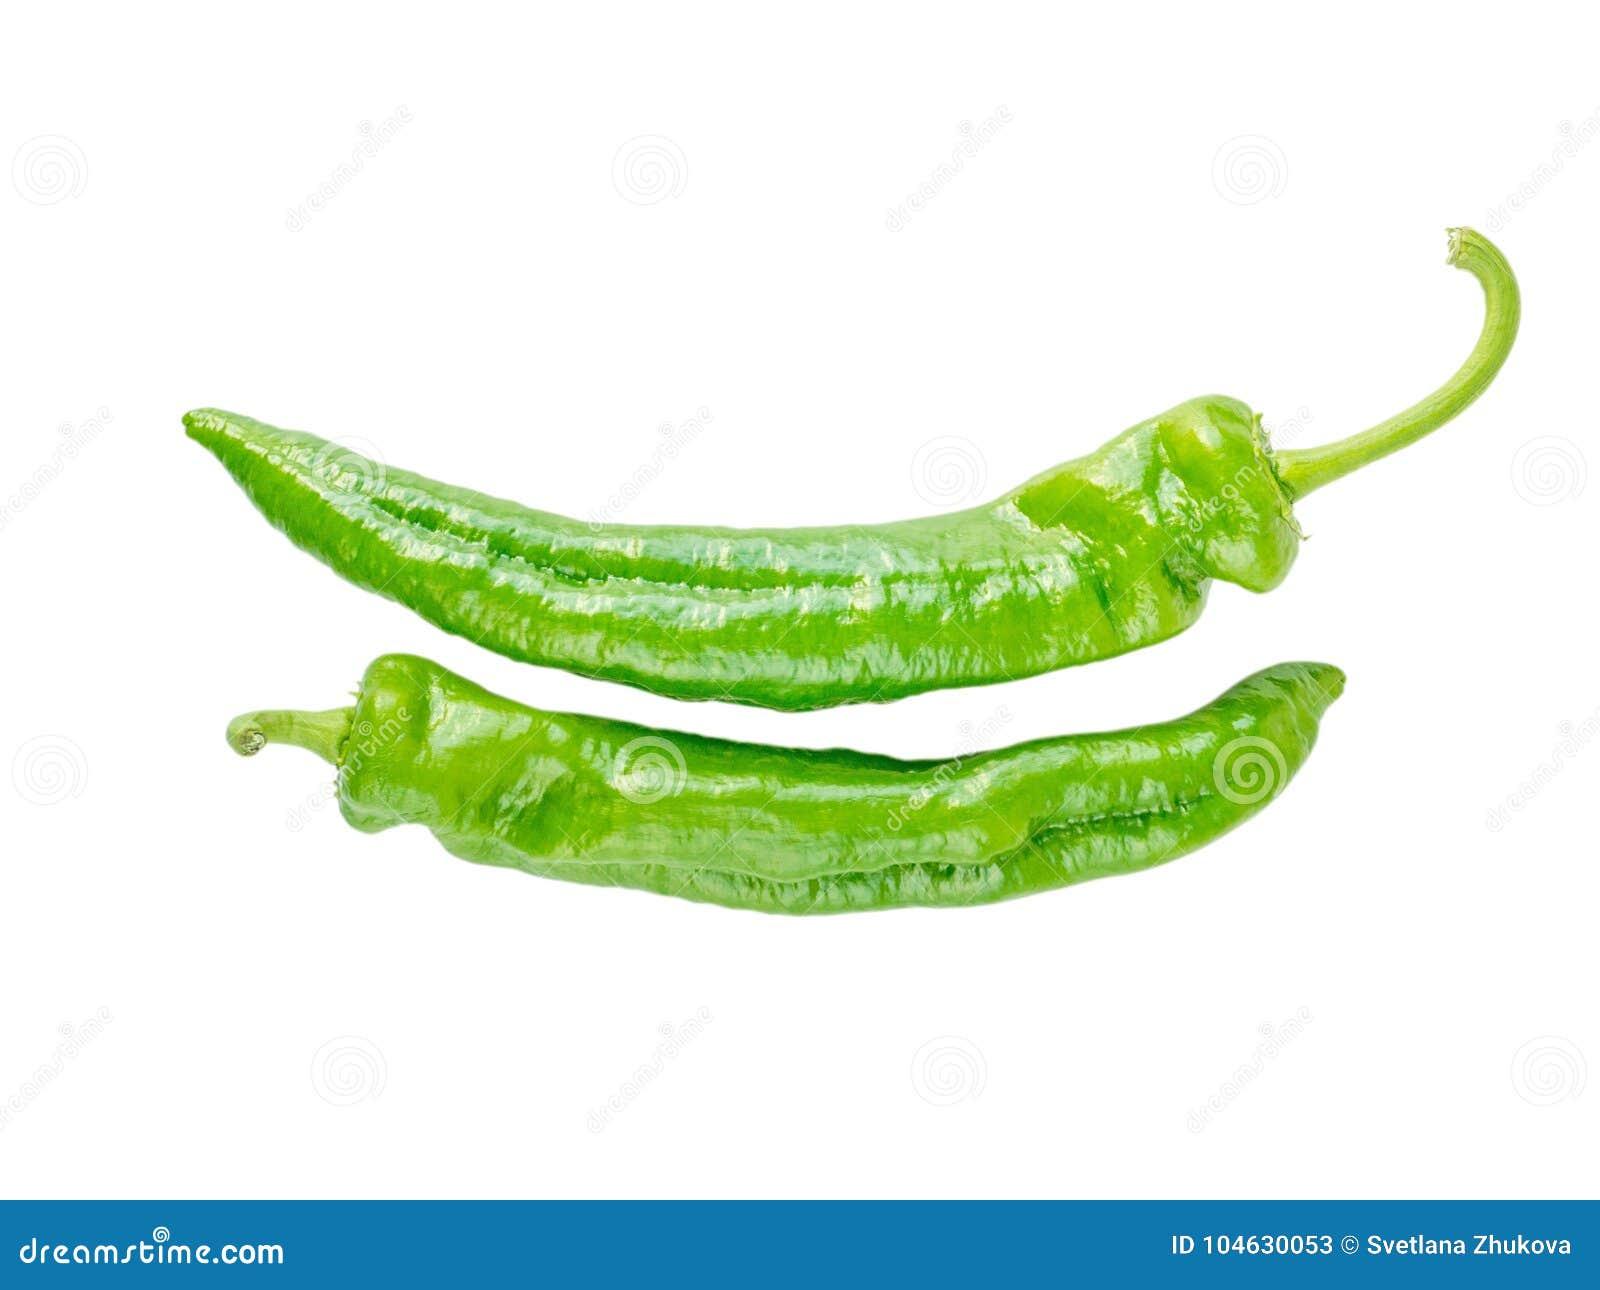 Download Twee Groene Lange Cubanelle-peper Stock Afbeelding - Afbeelding bestaande uit recept, plantaardig: 104630053